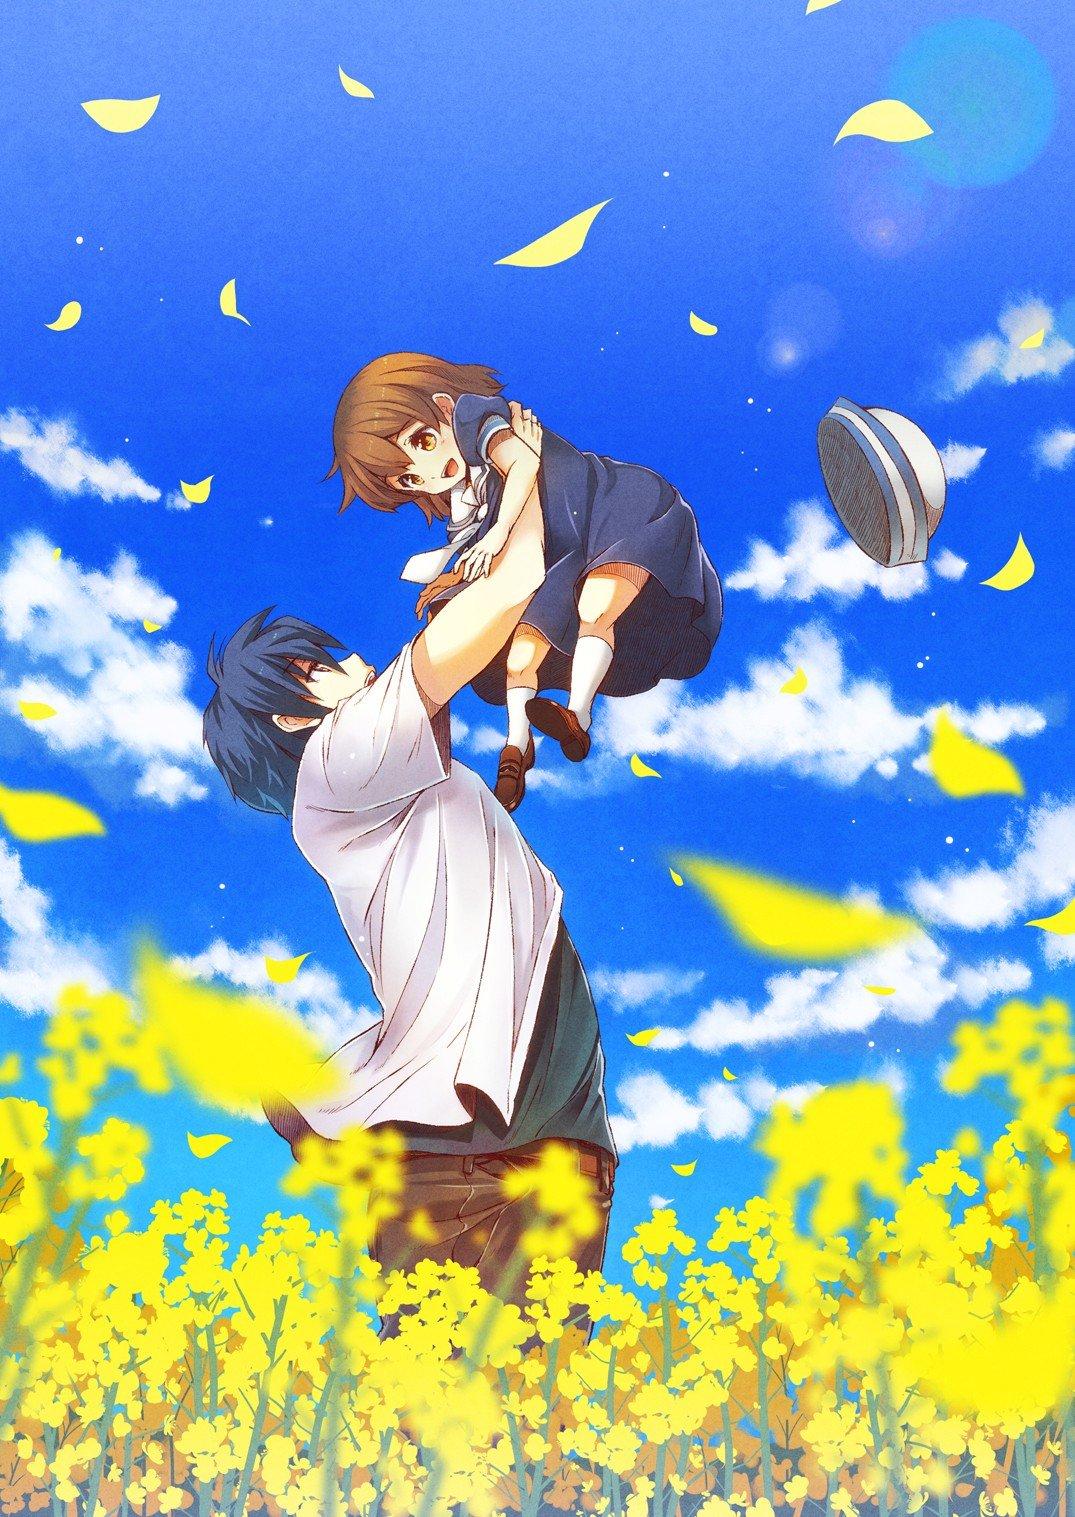 Wallpaper 1075x1517 Px Clannad Tomoya Okazaki Ushio Okazaki